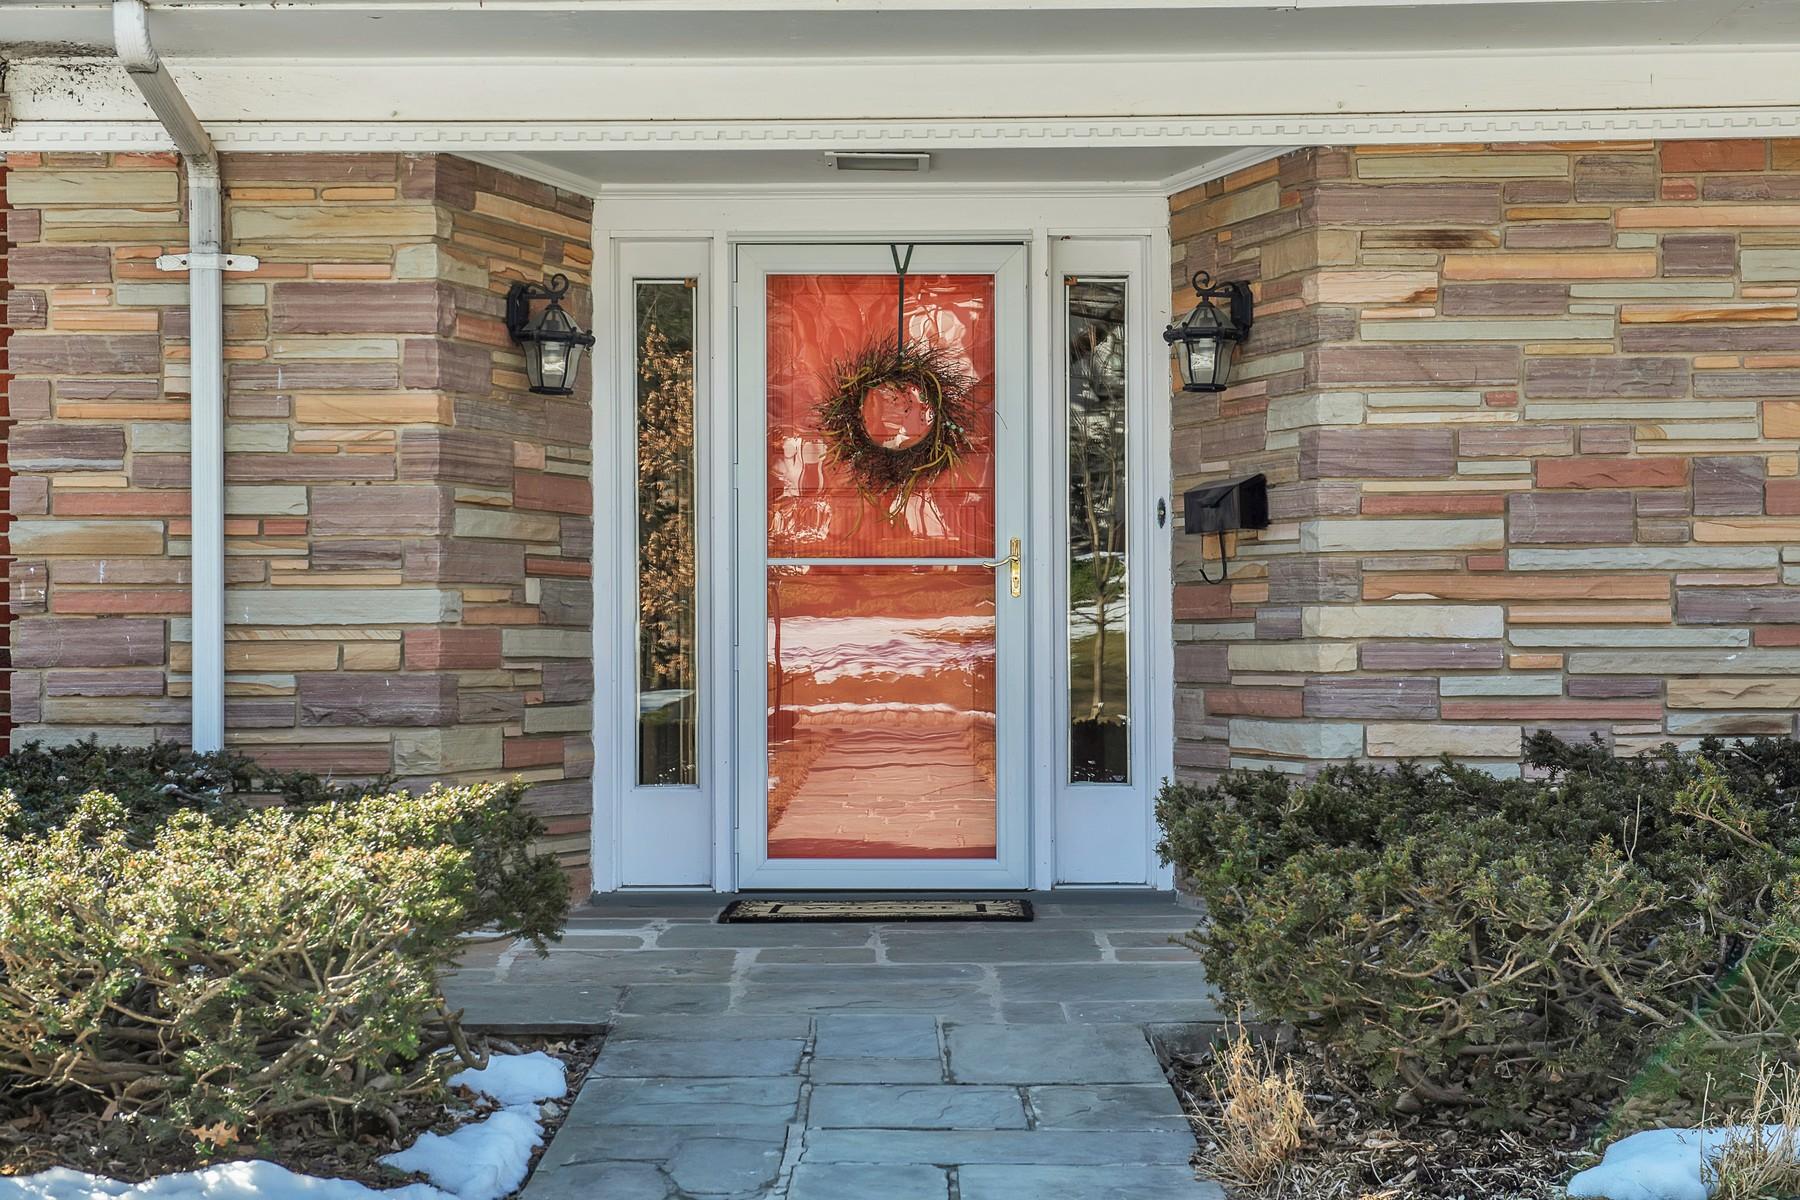 Частный односемейный дом для того Продажа на Bright, Cheery Mid-Century Expanded Ranch 16 Glen Road, Verona, Нью-Джерси 07044 Соединенные Штаты